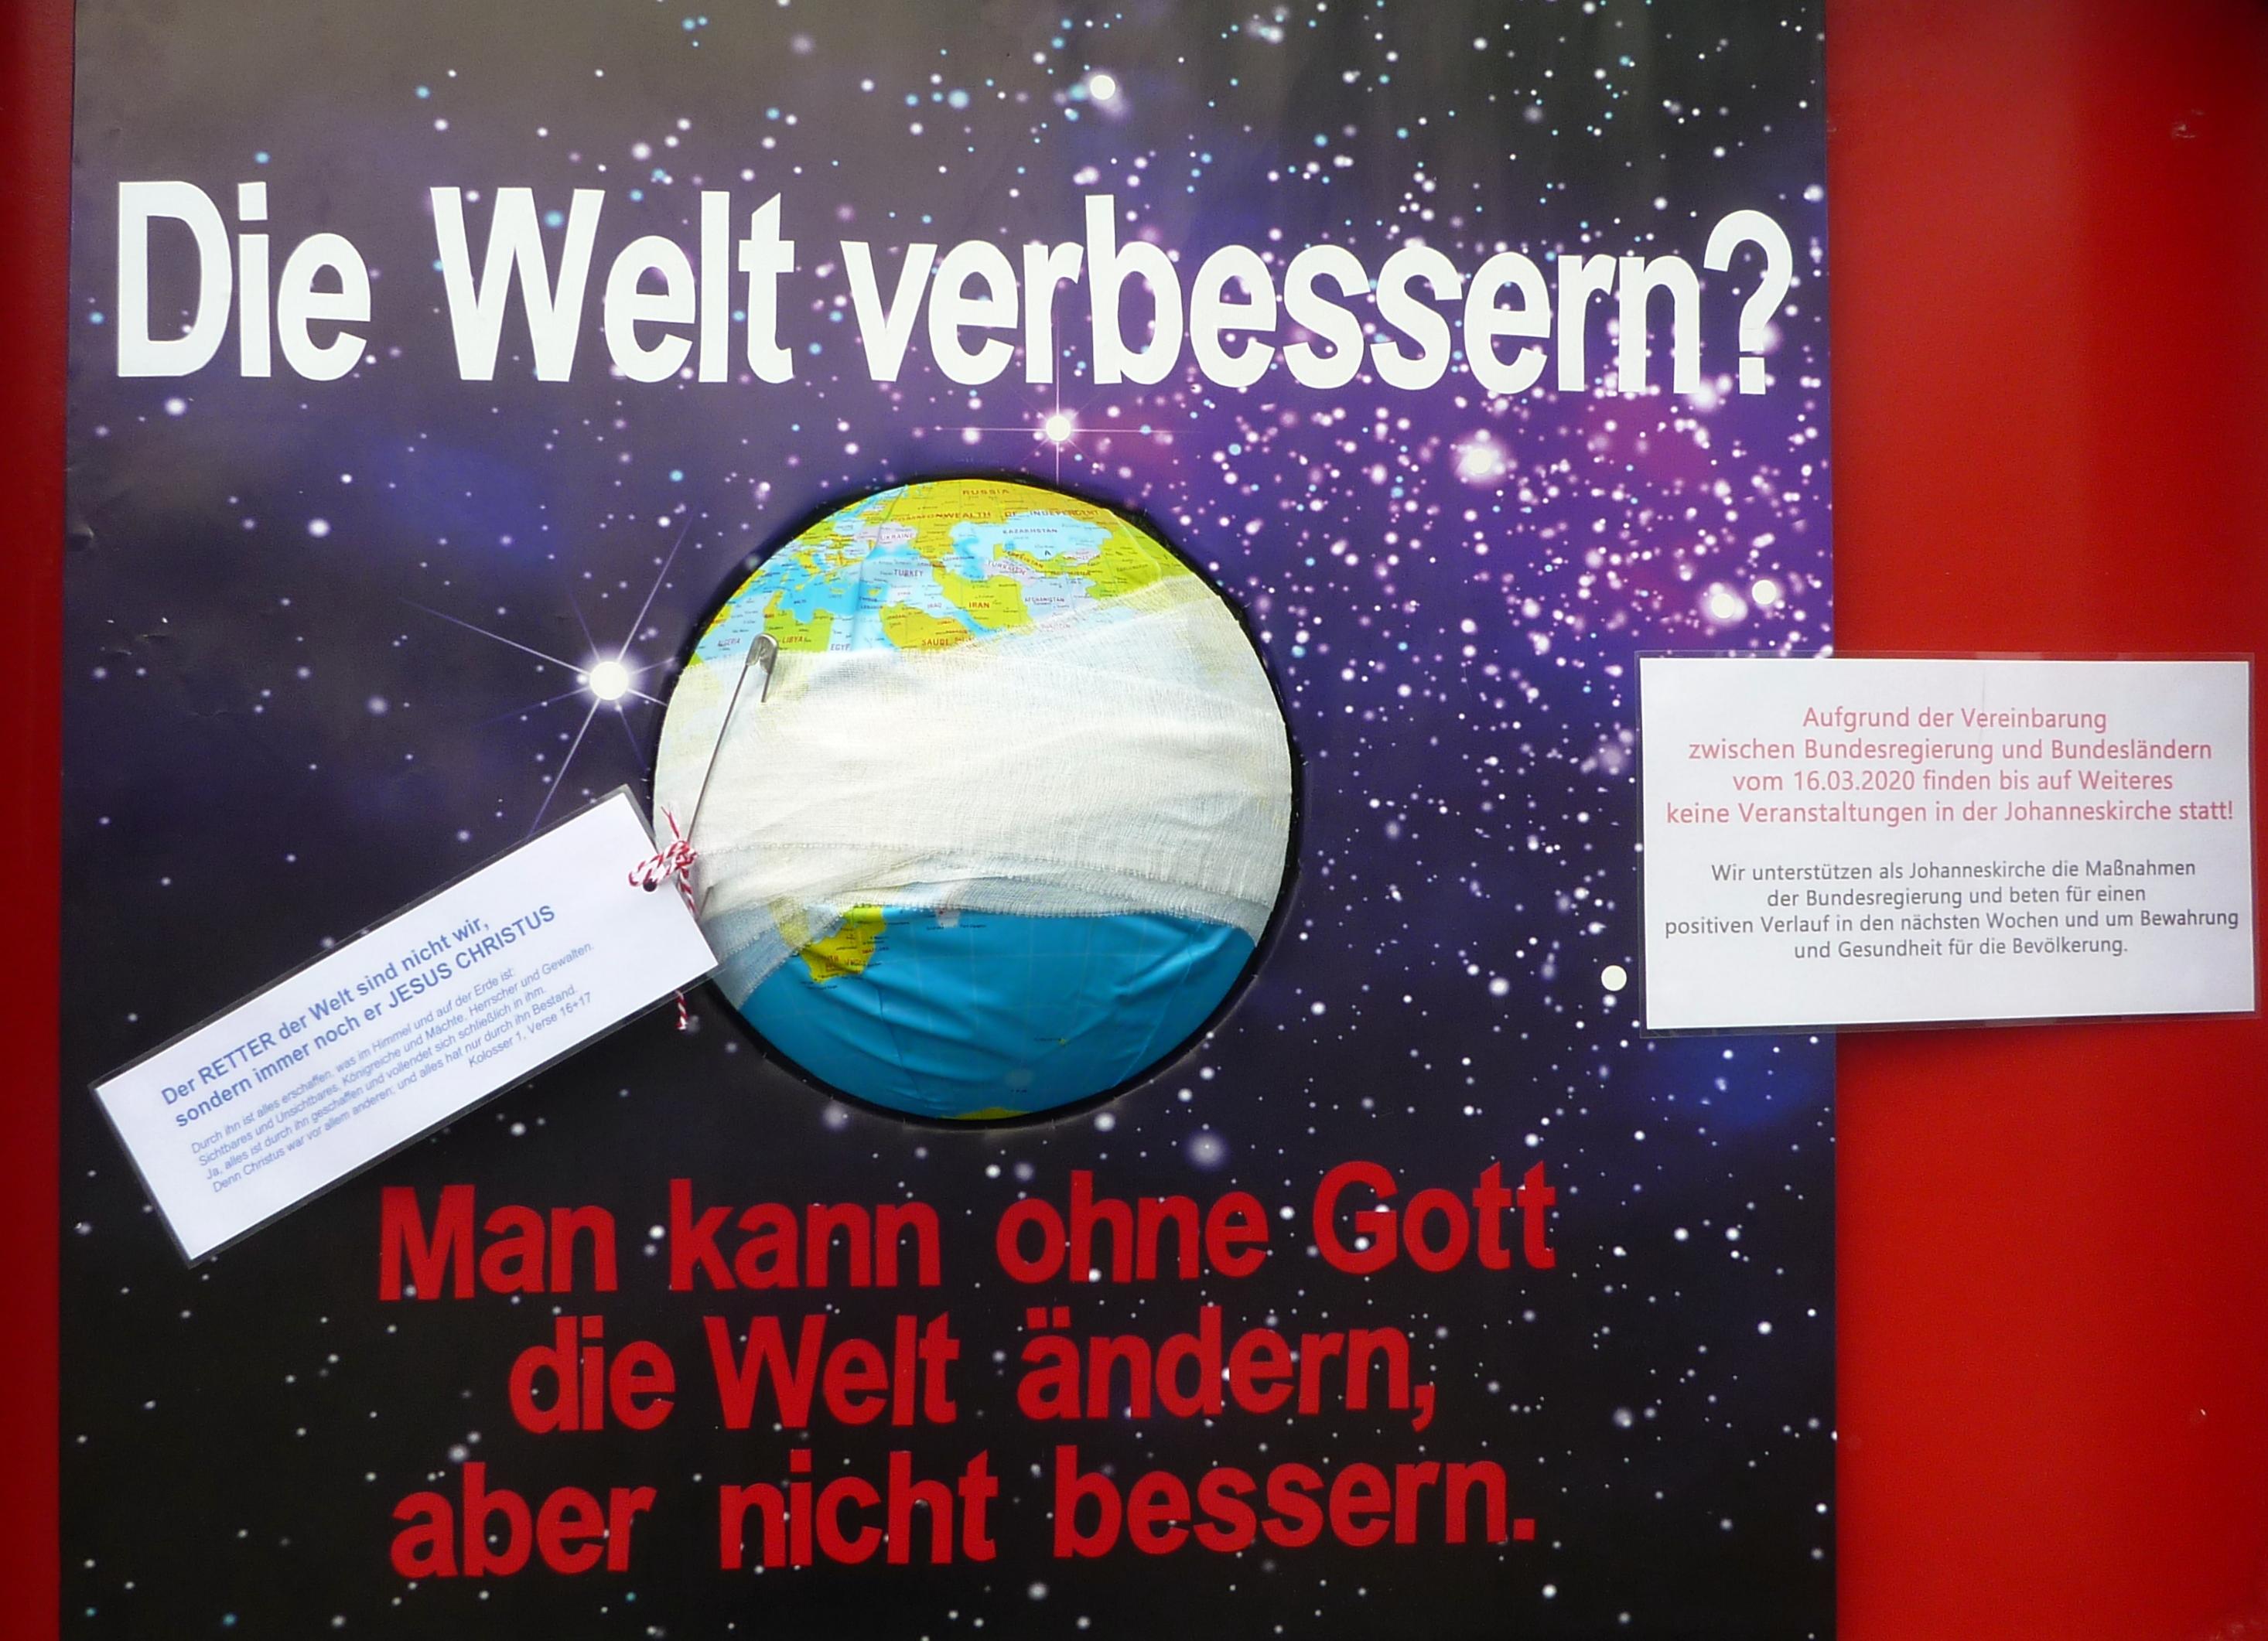 20200428_Die_Welt_bessern.JPG